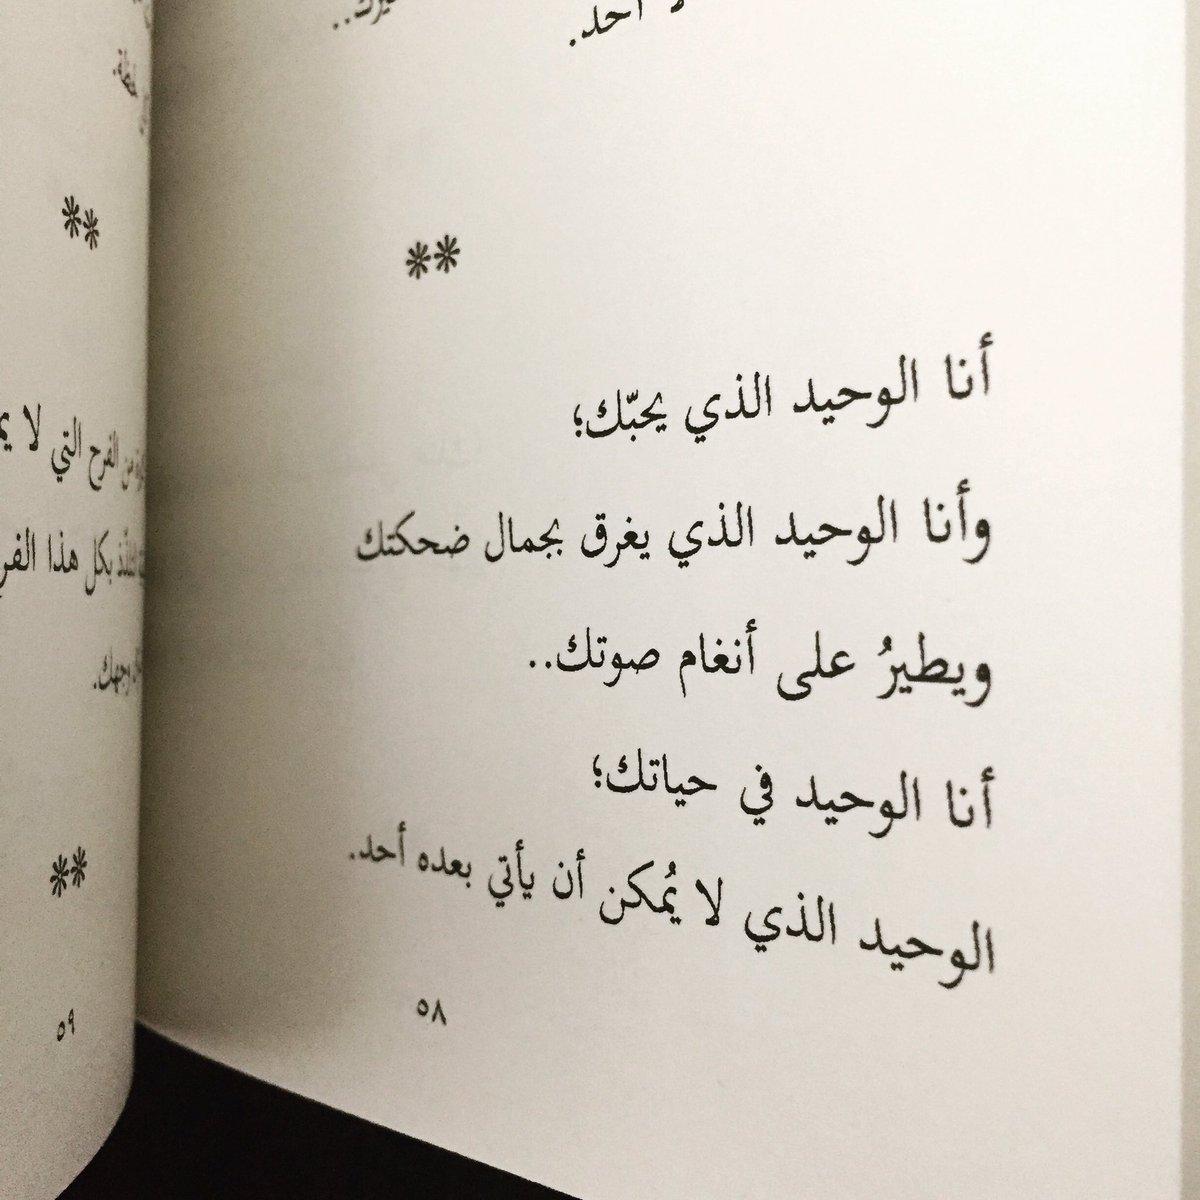 صورة كلمات قصيرة خرافة، كلام حلو قصير 5398 9